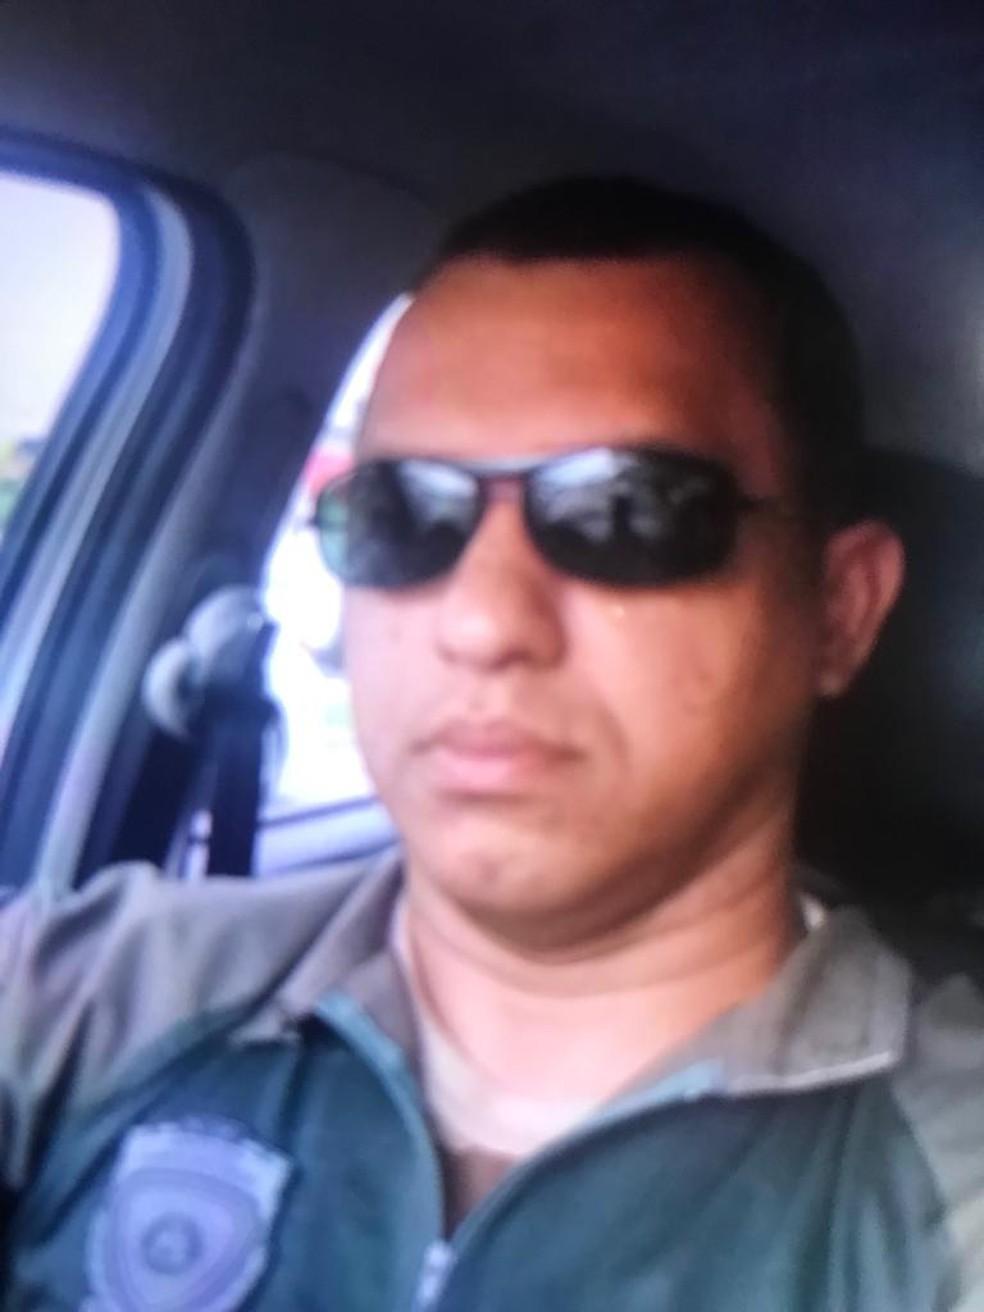 Marcio Jorge Lago Marques foi preso por suspeita de ter matado professora e jogado o corpo ao lado da TV Universitária, em São Luís — Foto: Divulgação/Polícia Civil